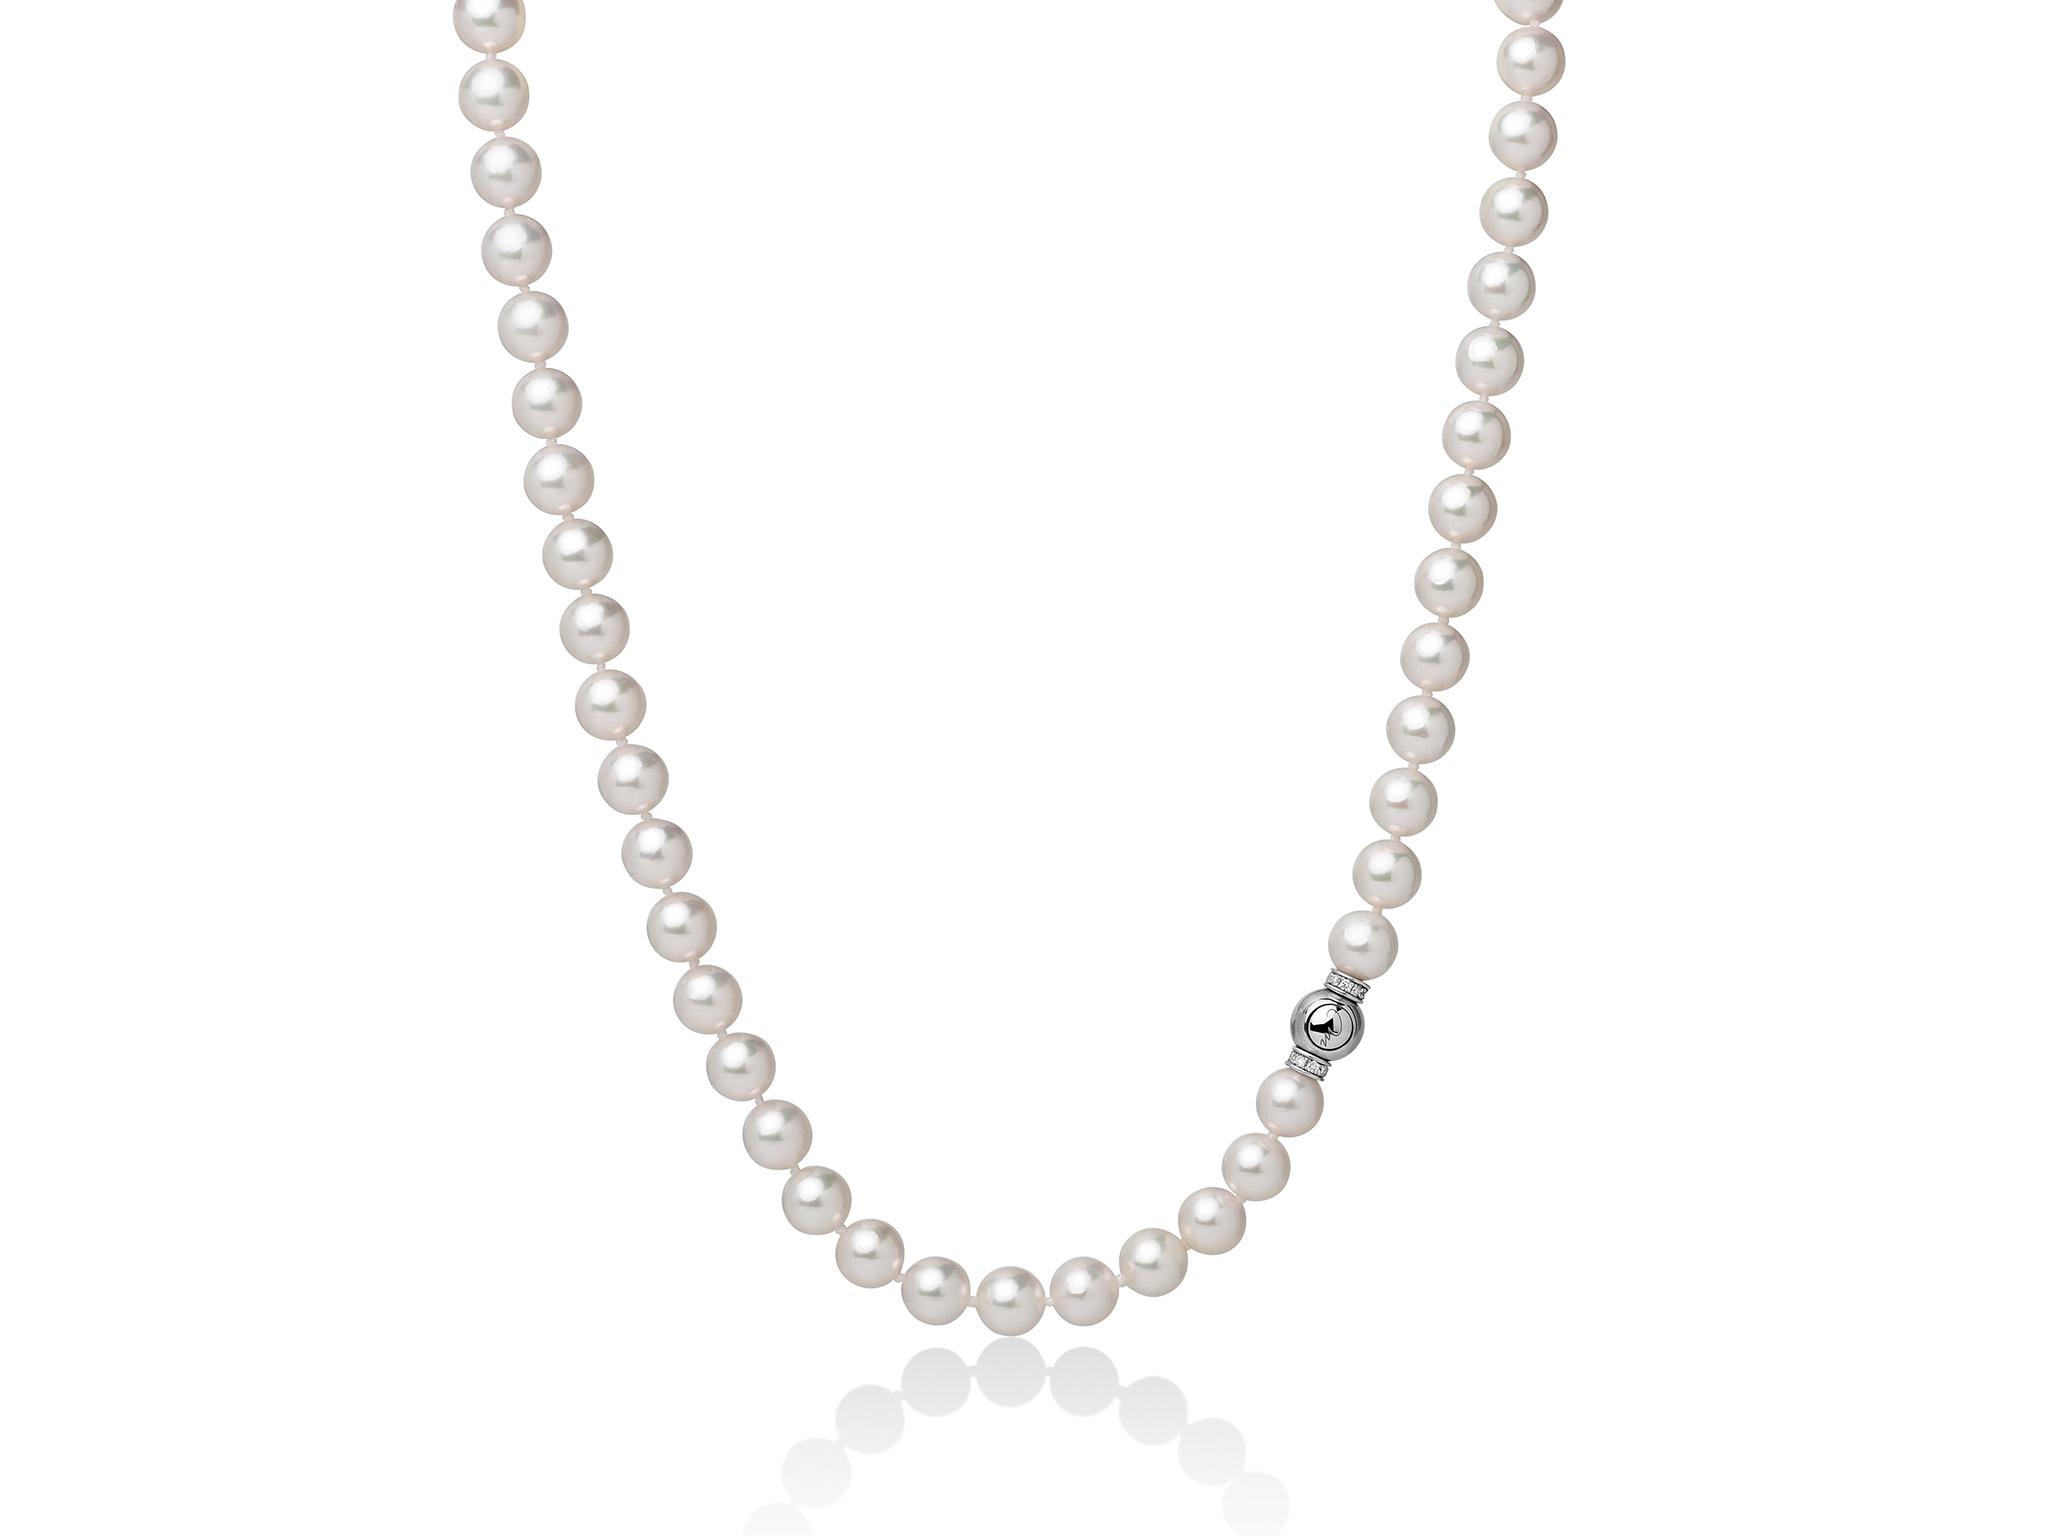 Collana di perle Akoya. - PCL5708